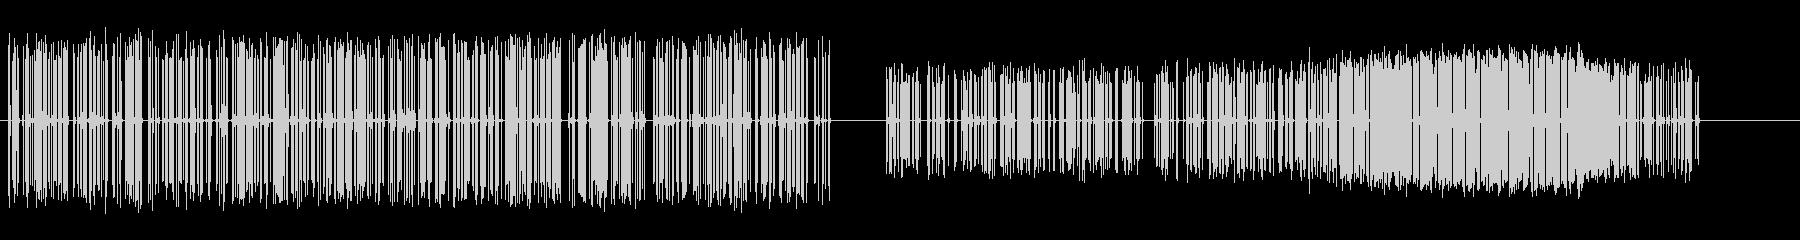 間欠泉高強度および極度強度カウンターの未再生の波形